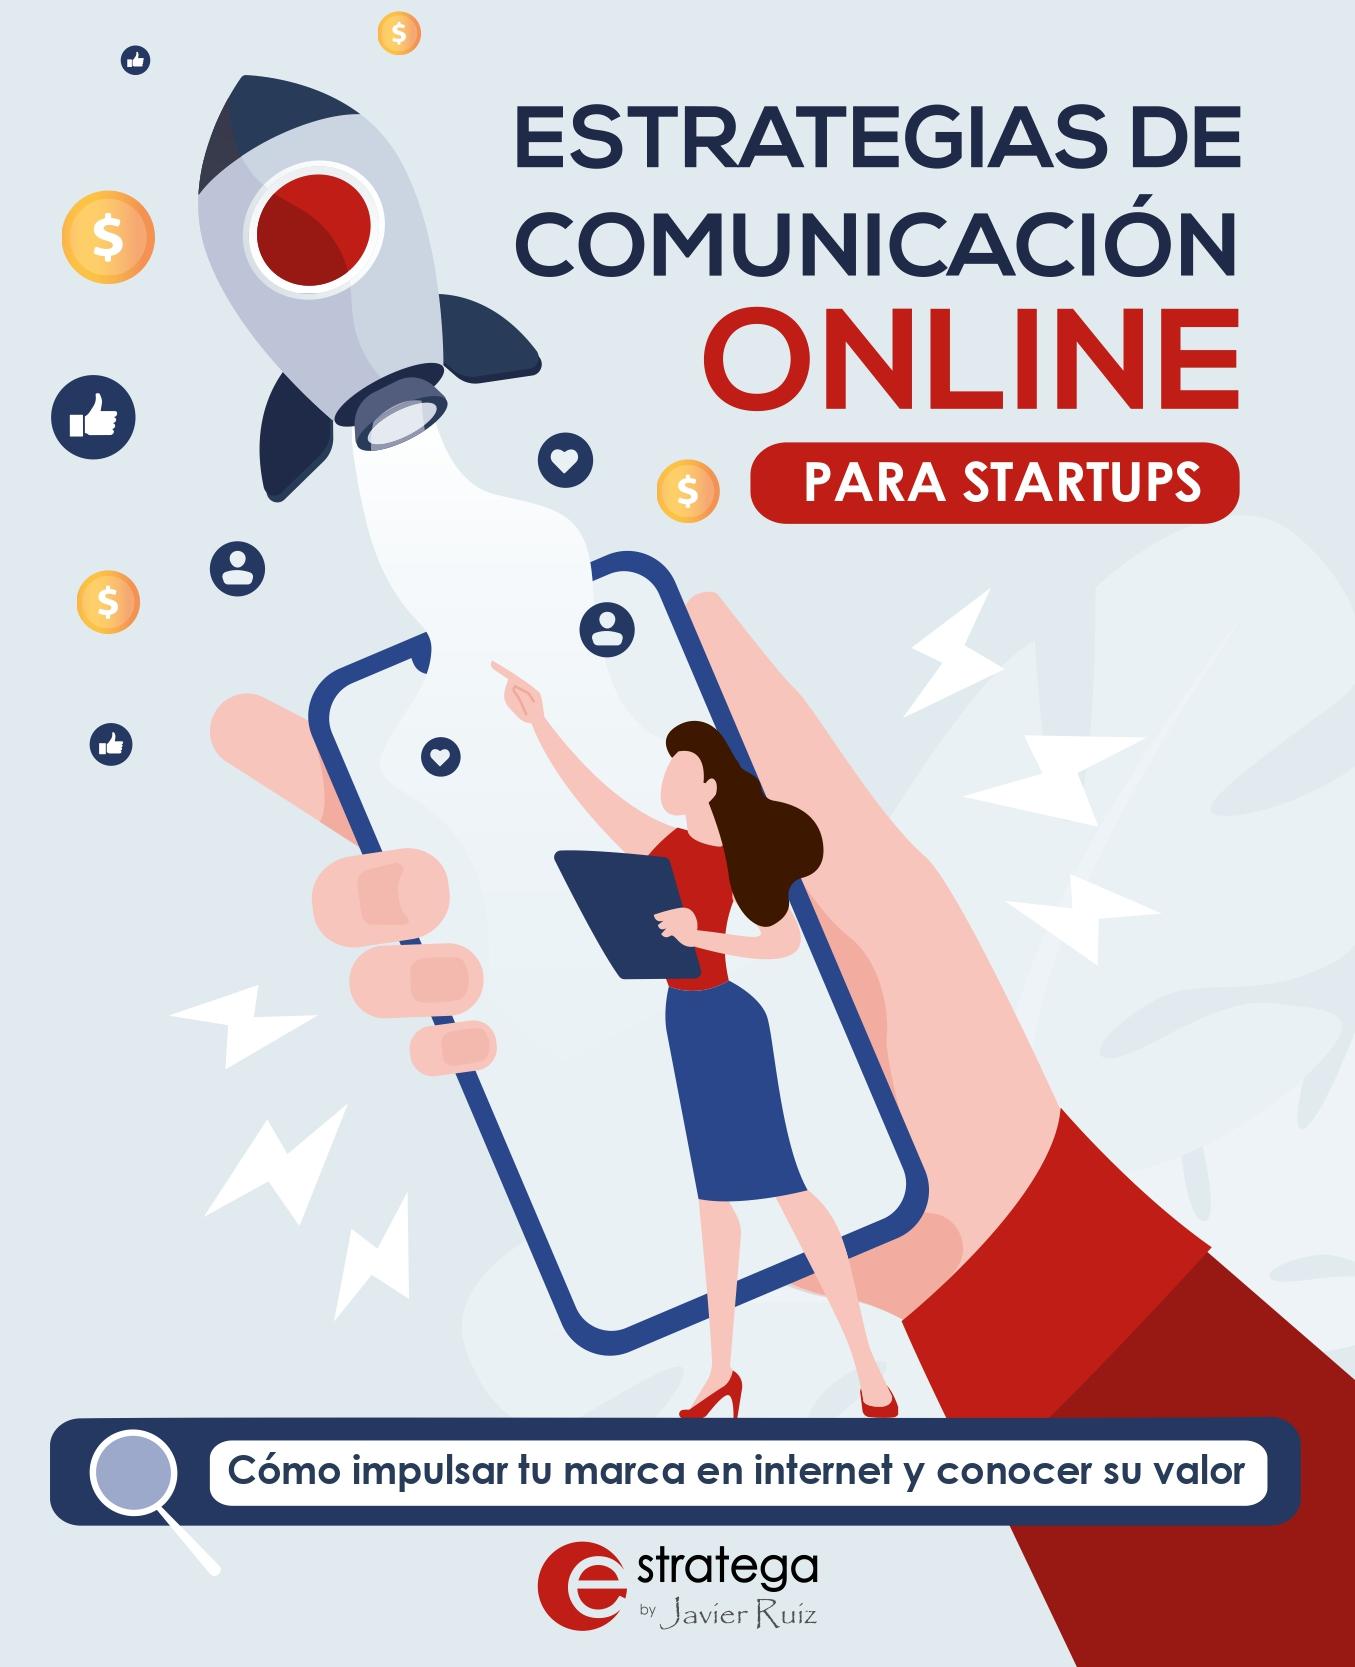 Ebook 2021 - Estrategias de comunicación online para startups_page-0001